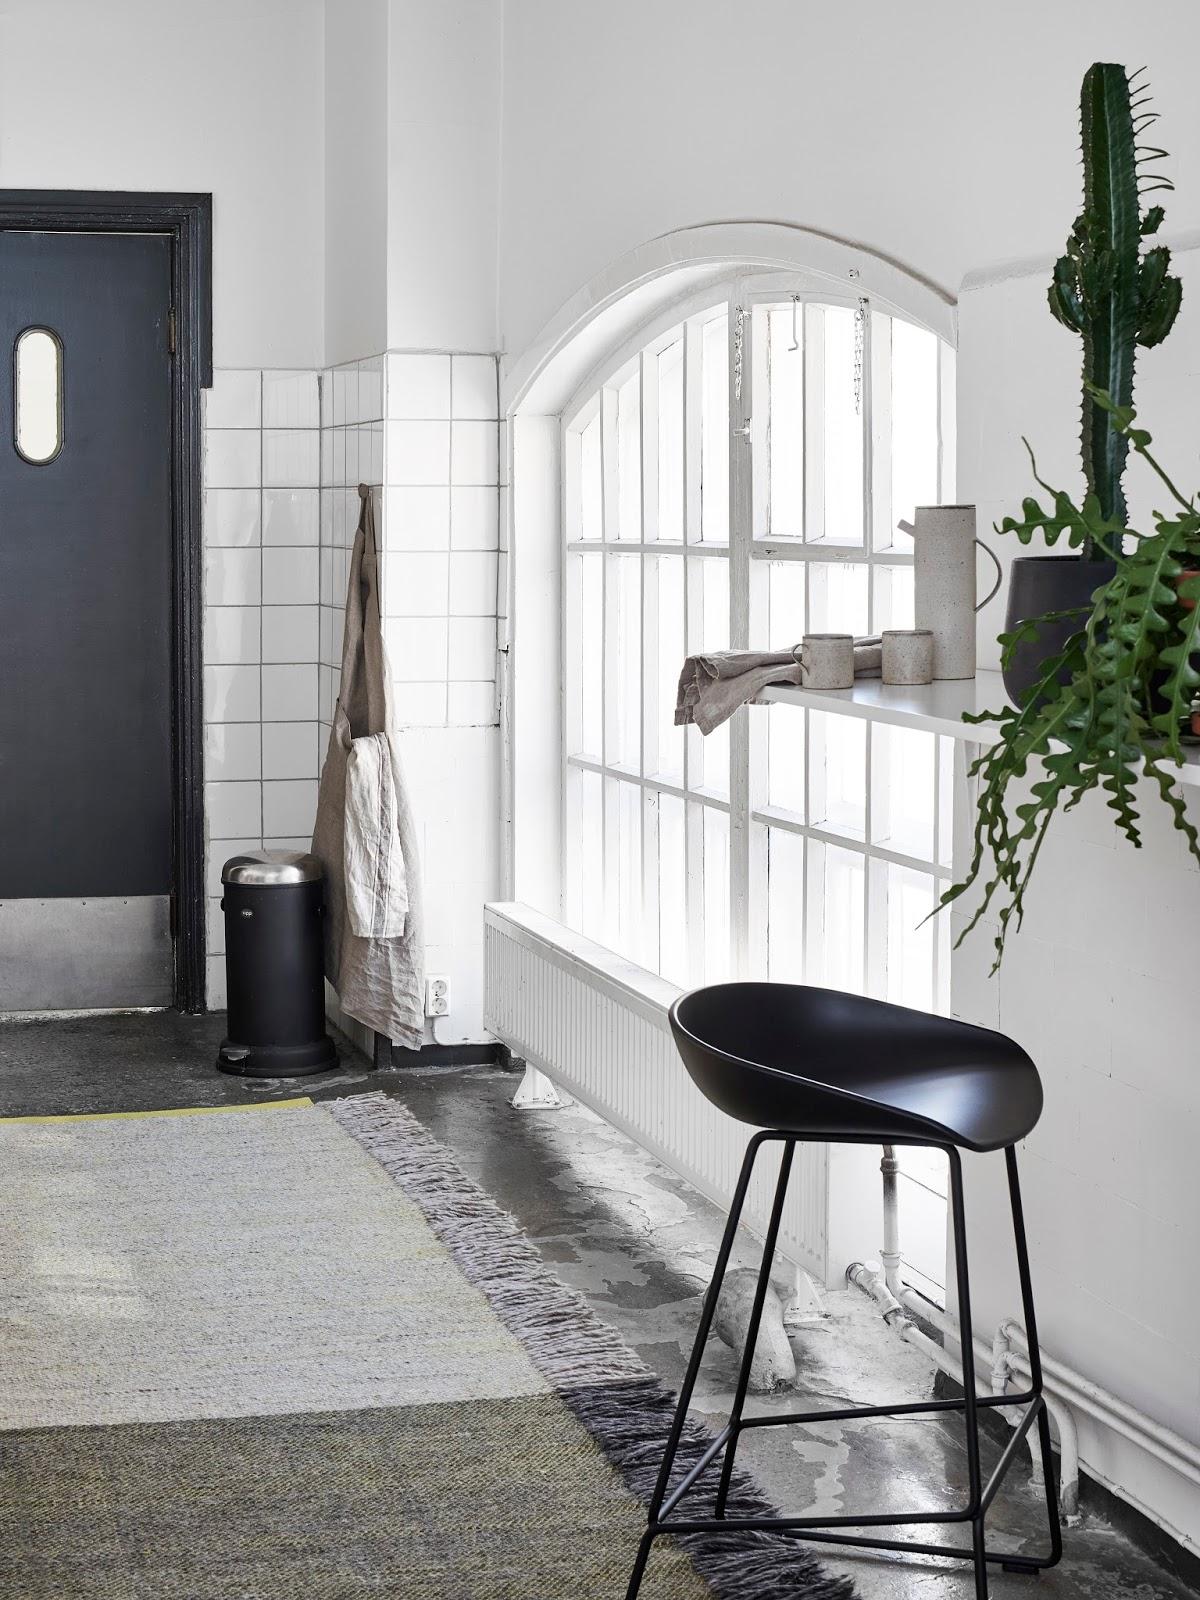 weekdaycarnival kinnasand and danskina textiles. Black Bedroom Furniture Sets. Home Design Ideas